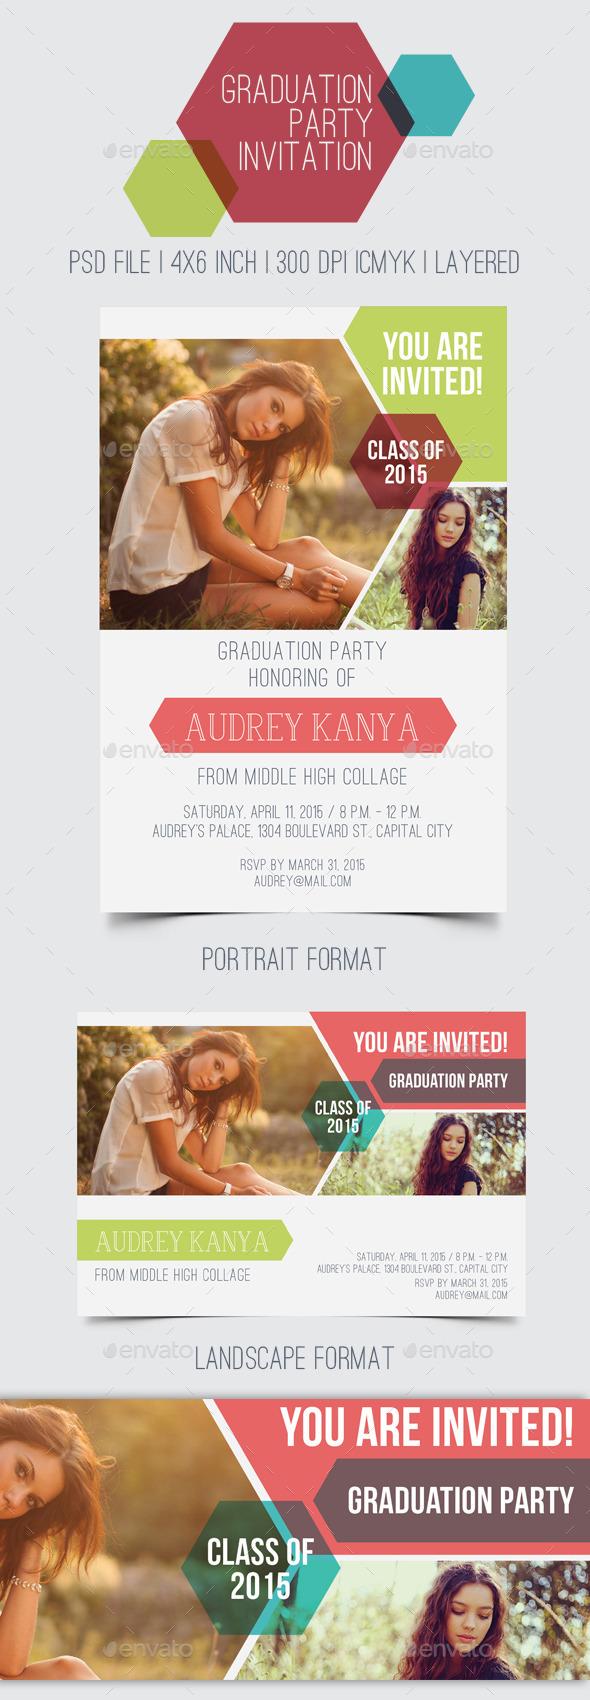 GraphicRiver Graduation Party Invitation 11103527